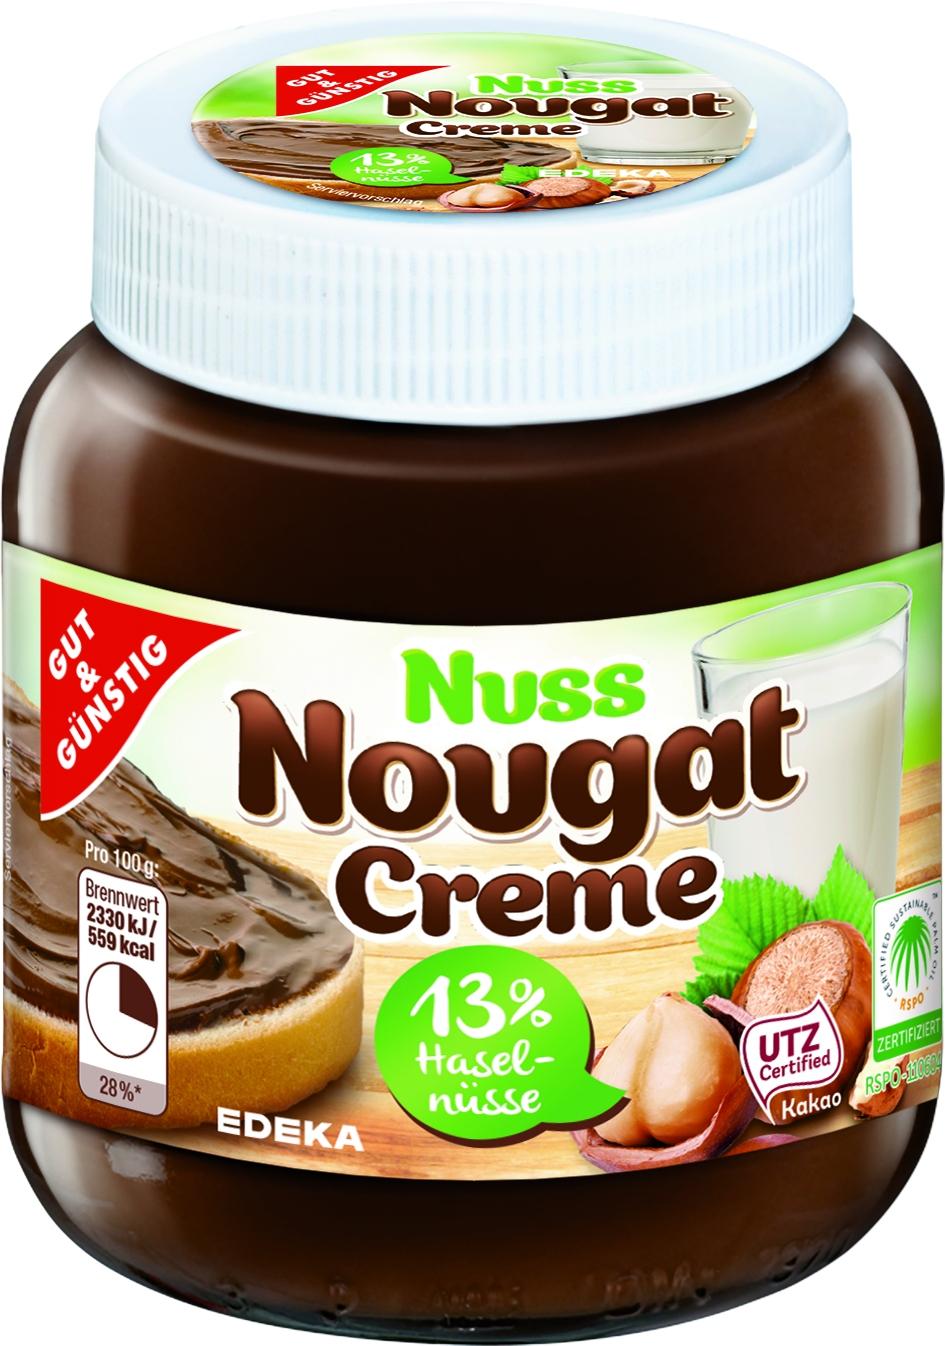 Nuss-Nougat-Creme